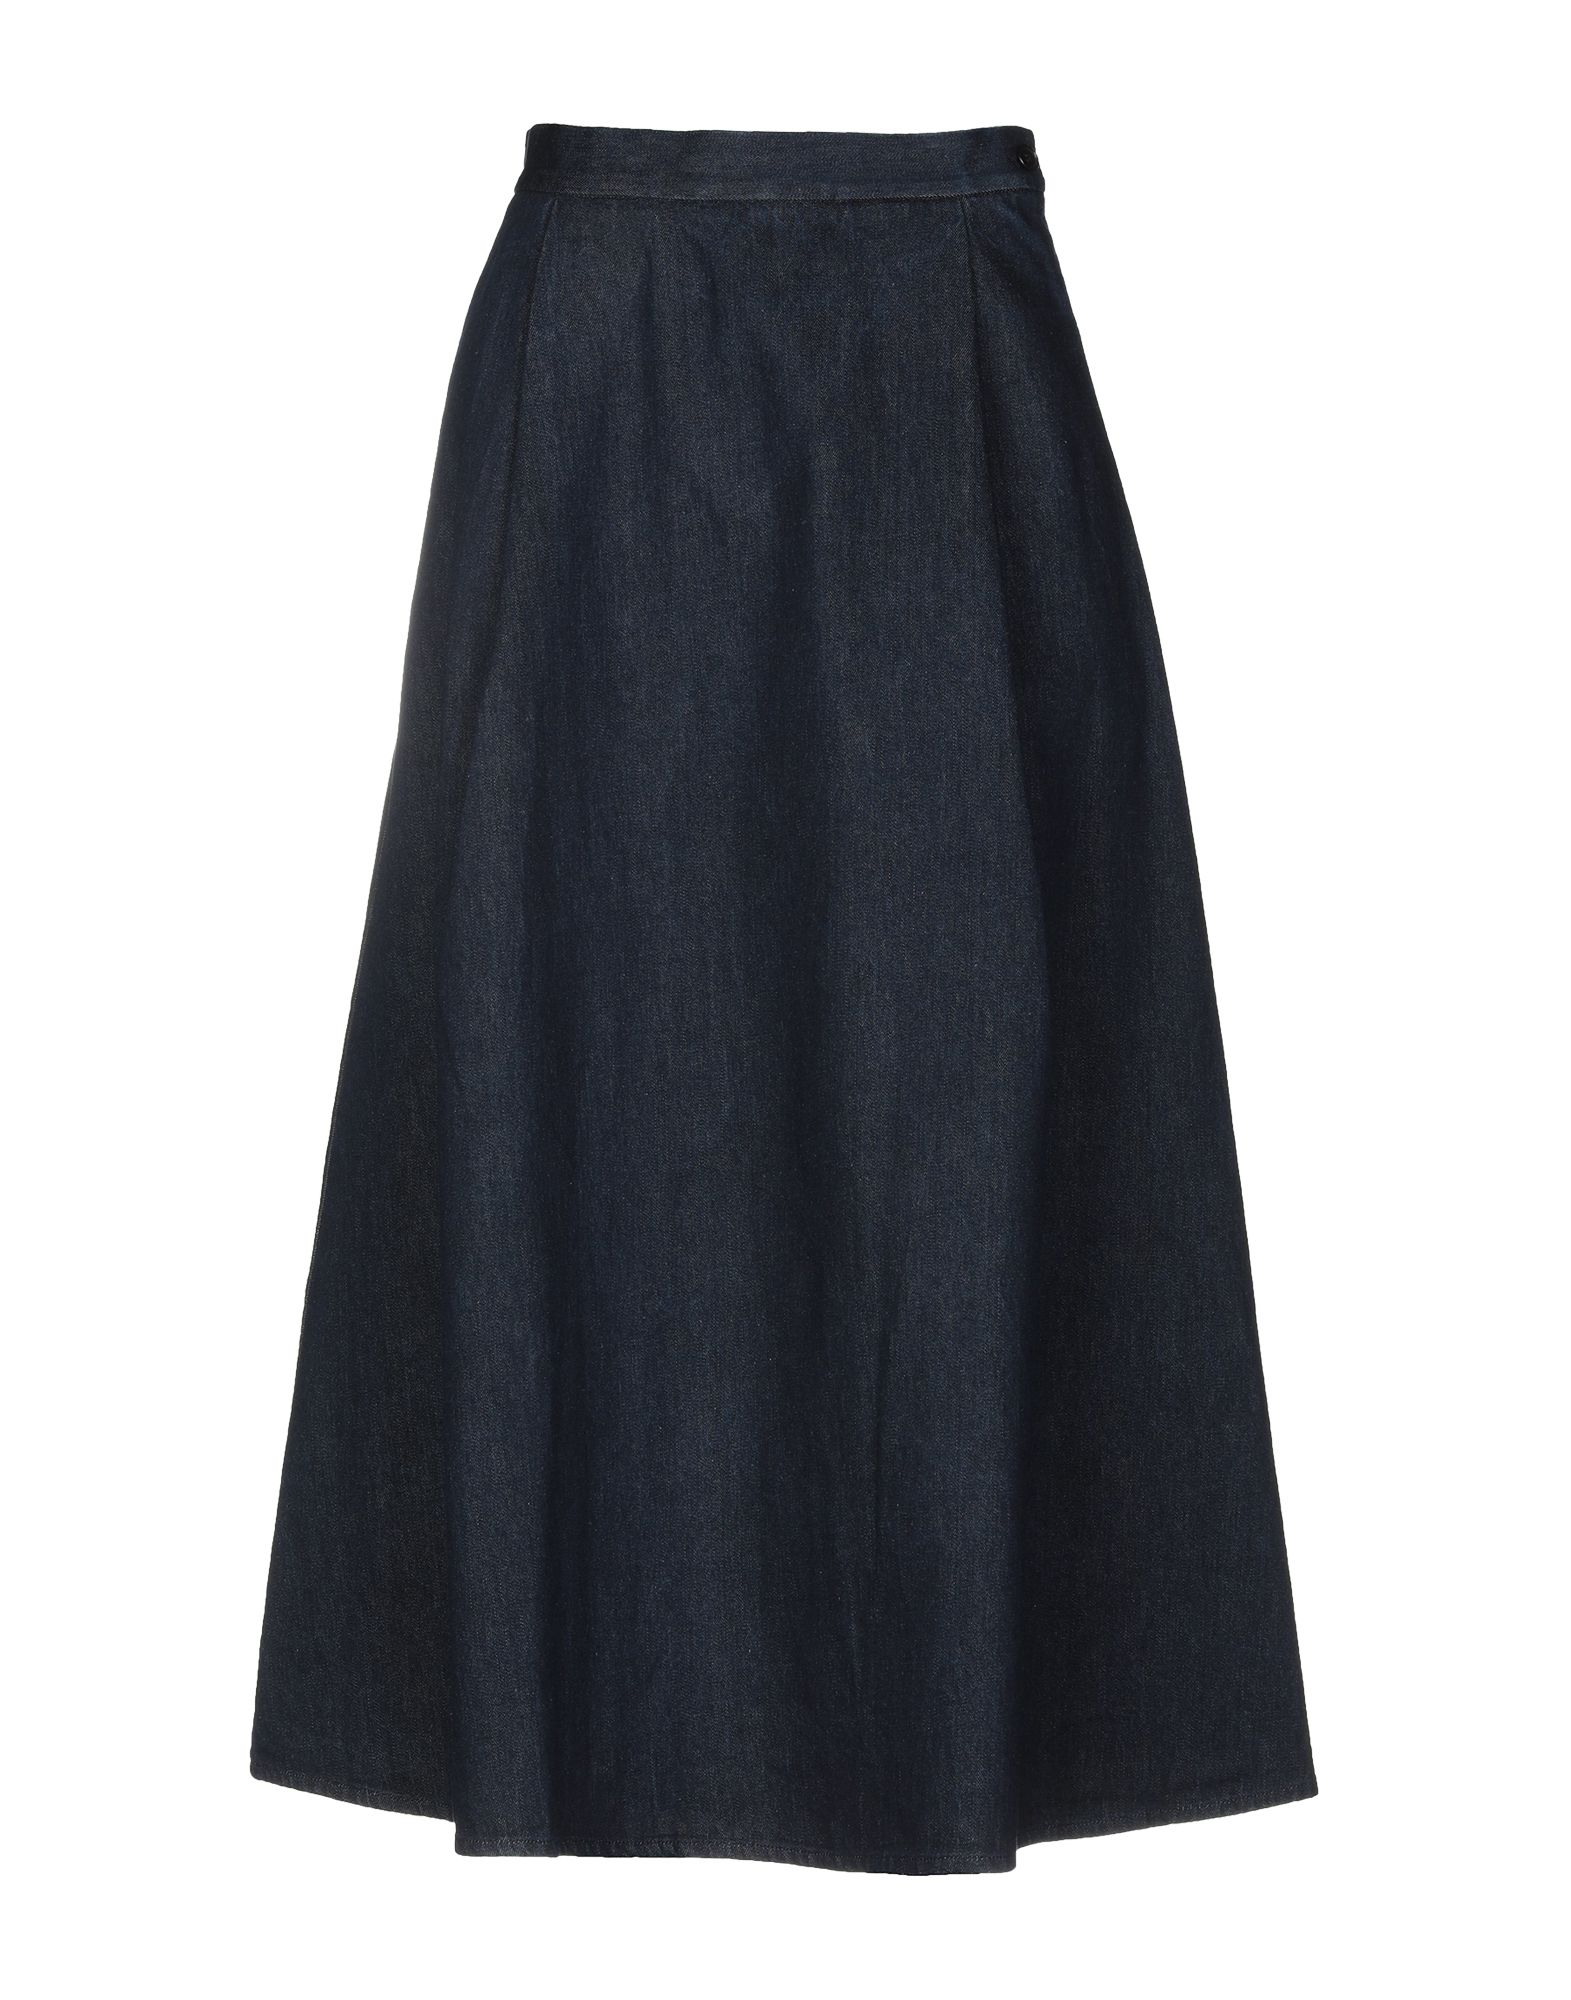 《送料無料》BARENA レディース デニムスカート ブルー 42 コットン 100%